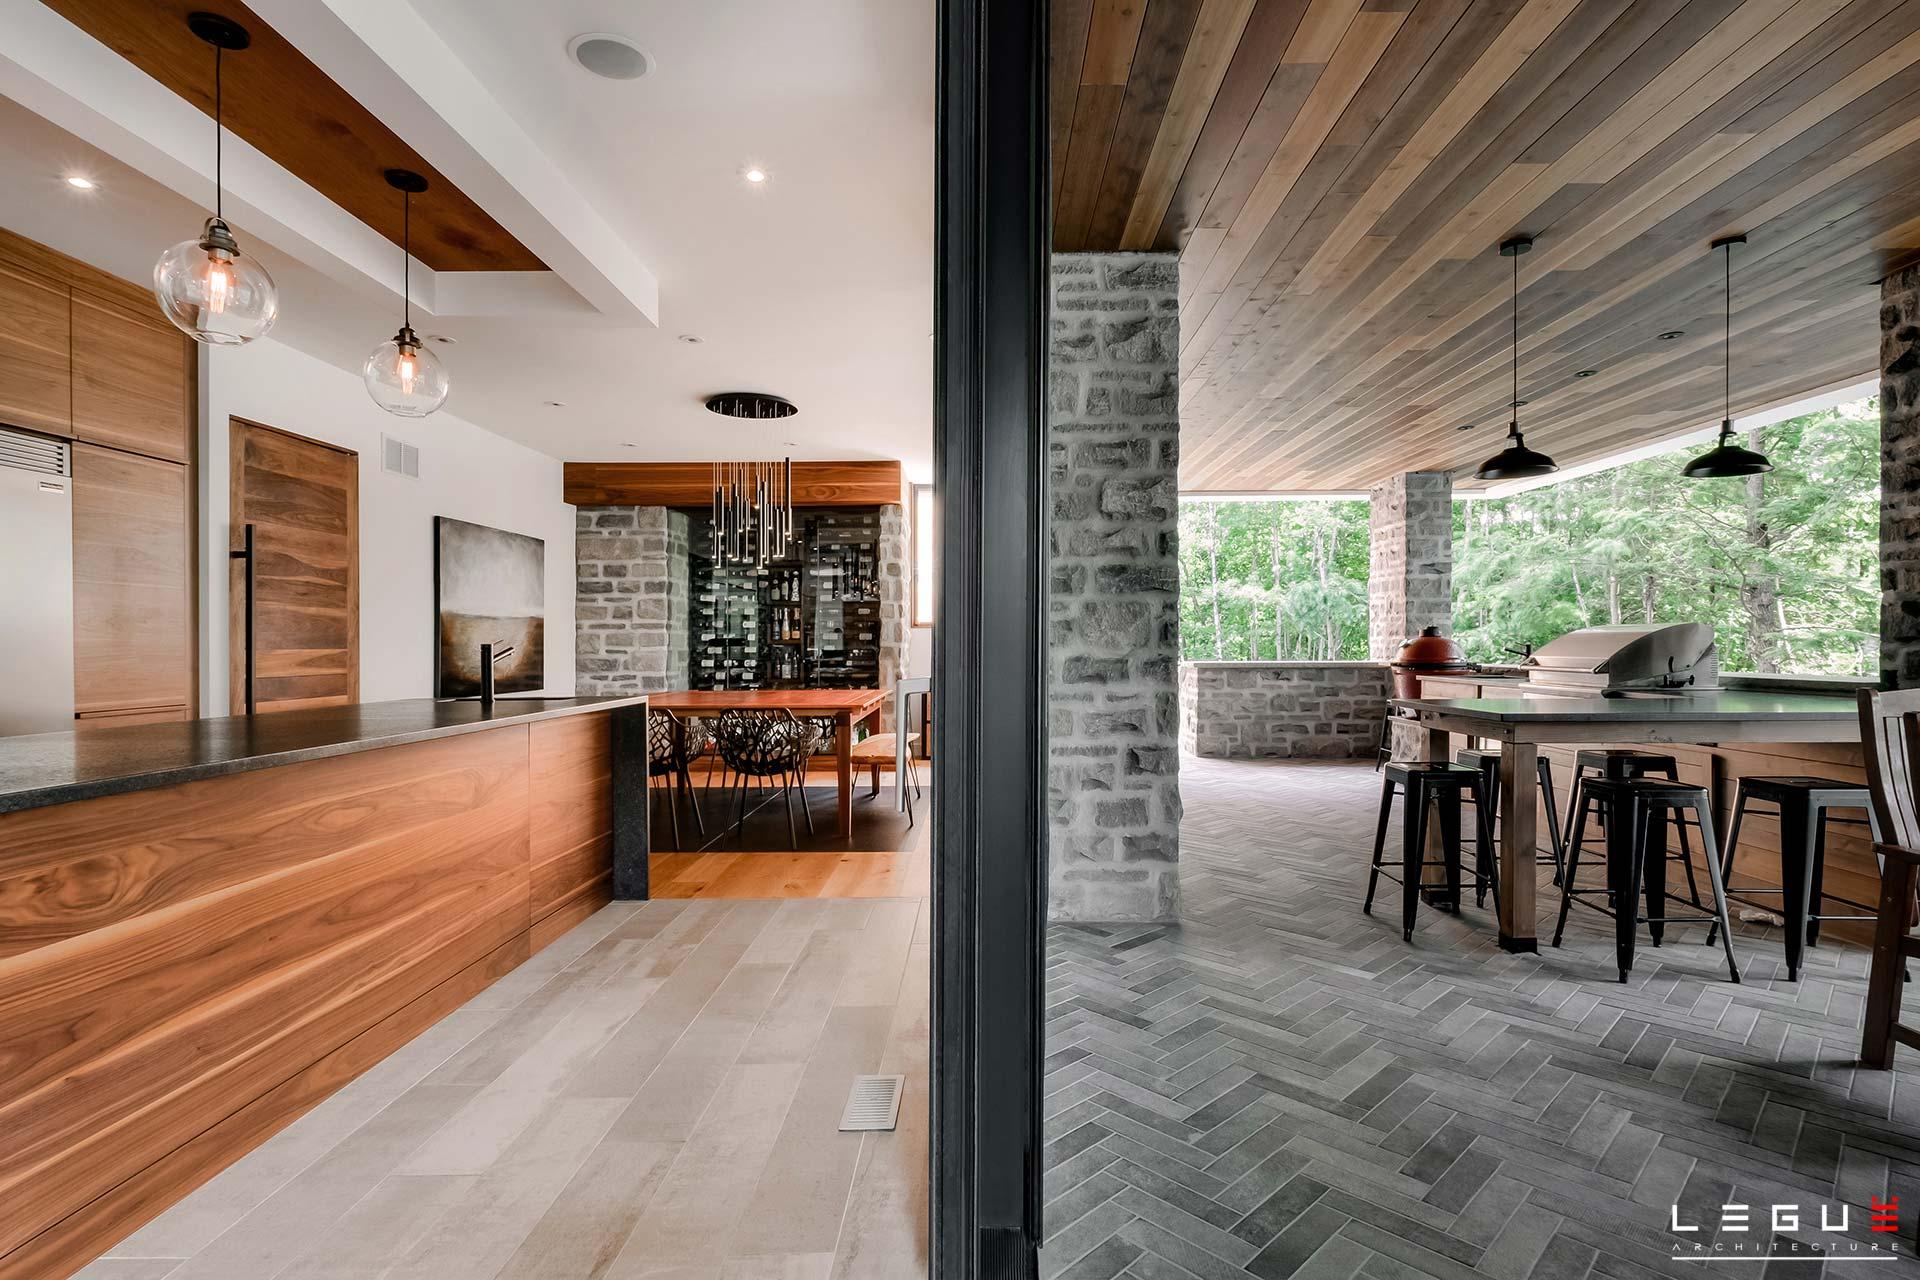 Combien Coute Un Plan De Travail prix d'un plan de maison : tout savoir   leguë architecture